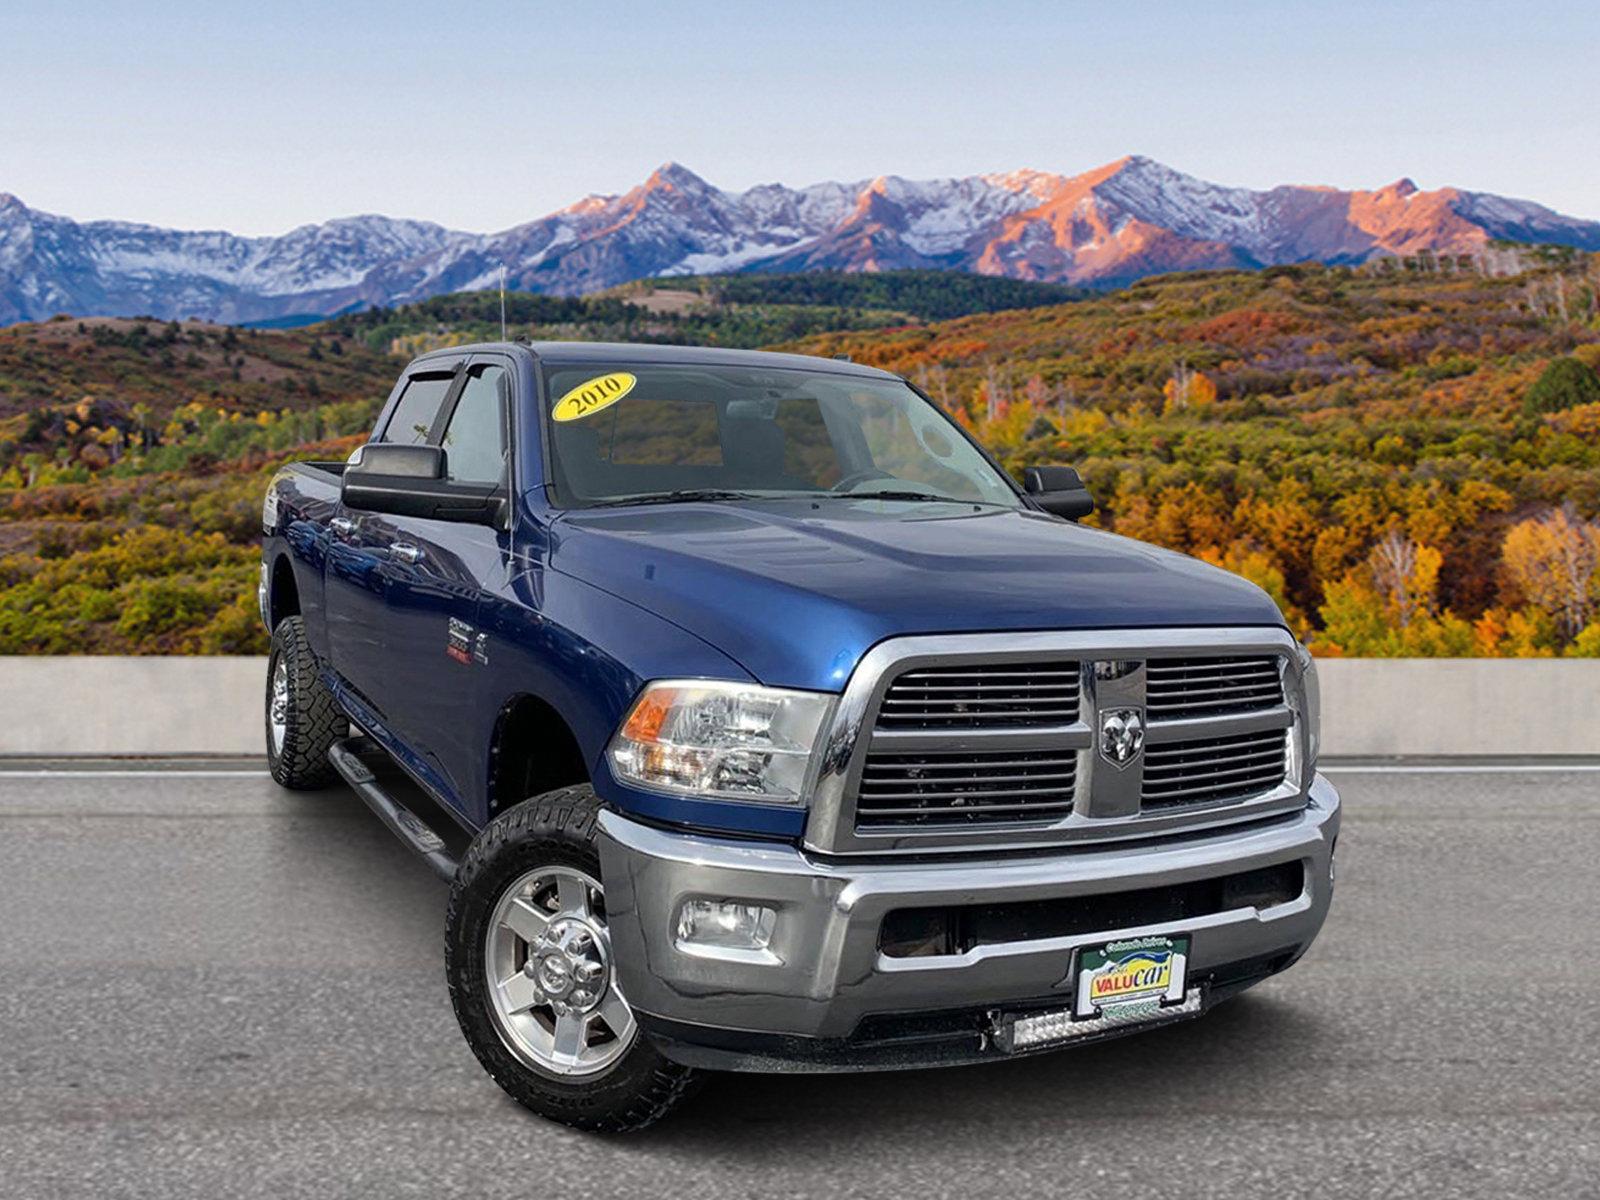 2010 Dodge Ram 3500 Truck 4x4 Crew Cab image